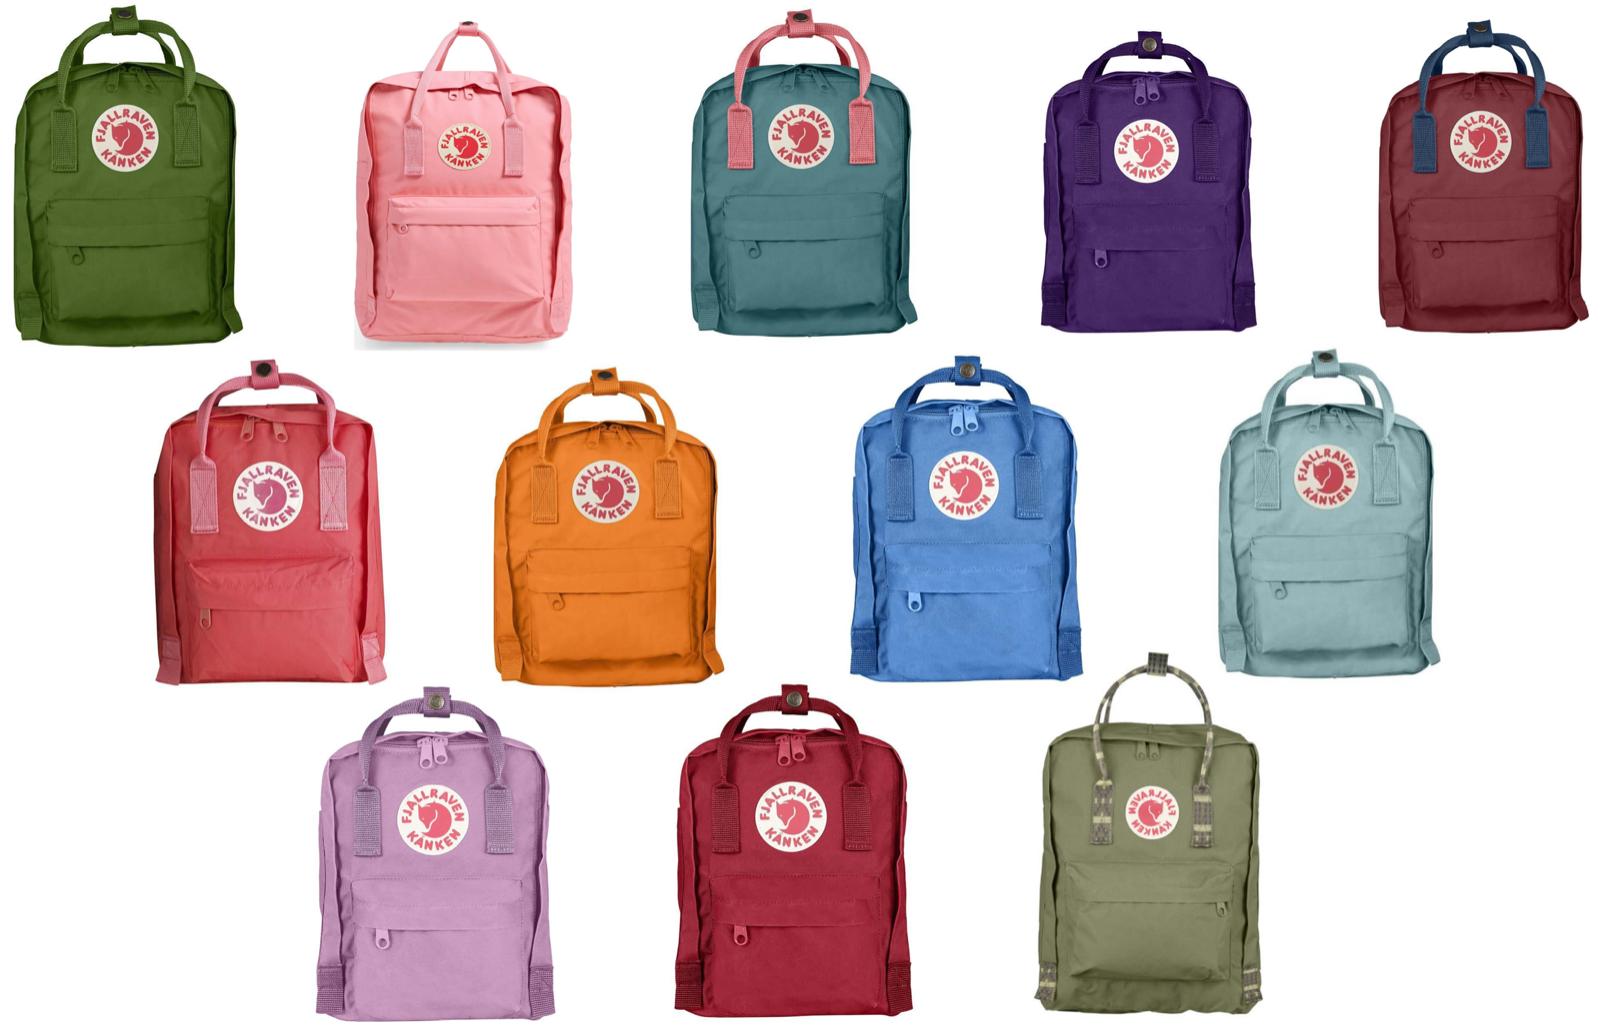 Fjallraven Kanken Kids Backpacks F23551 Brand New USA Seller